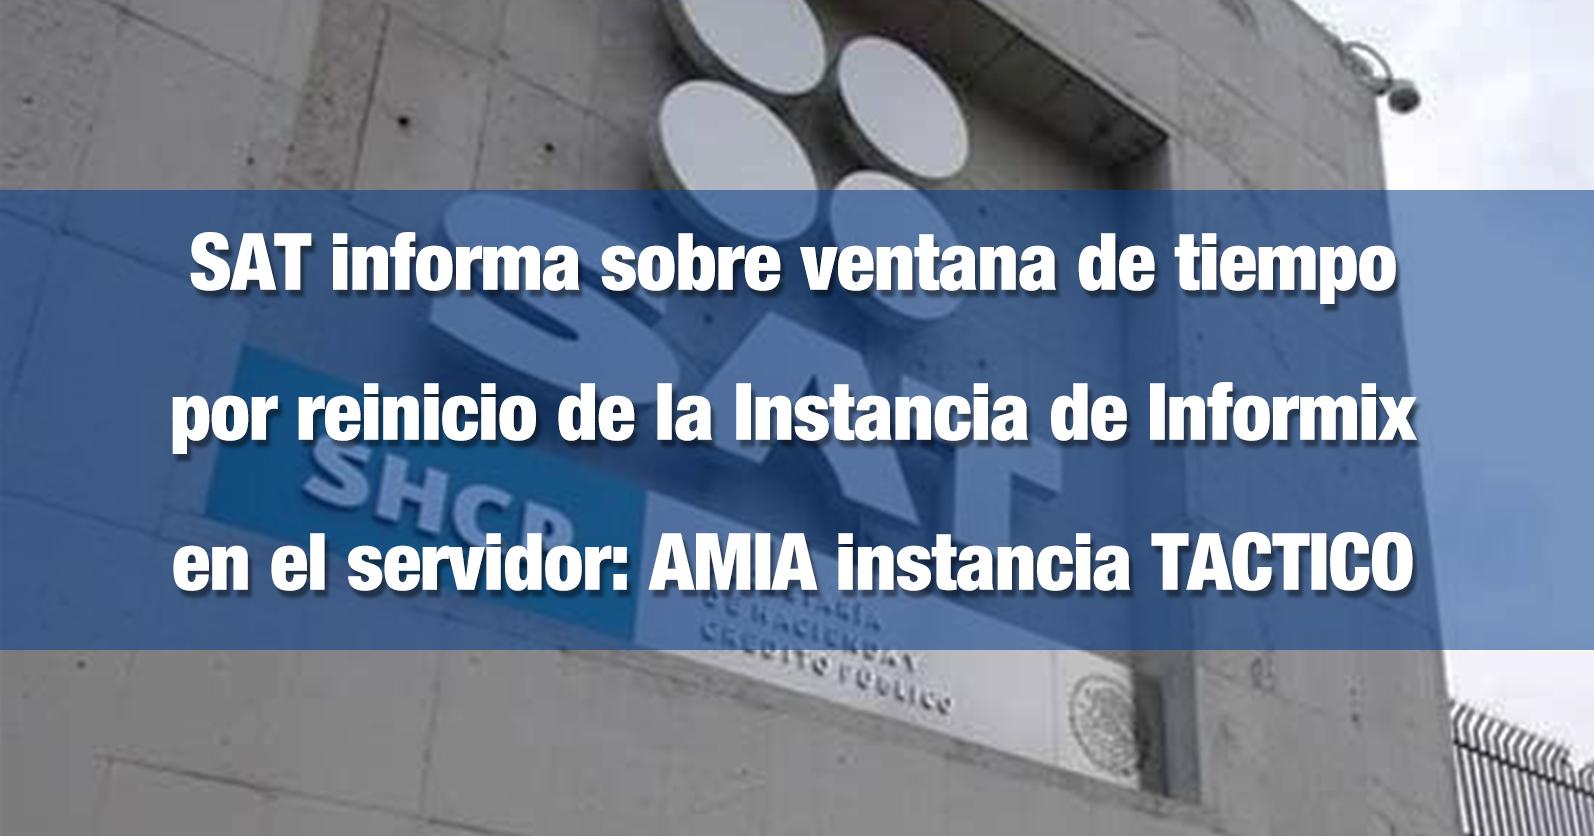 SAT informa sobre ventana de tiempo por reinicio de la Instancia de Informix en el servidor: AMIA instancia TACTICO